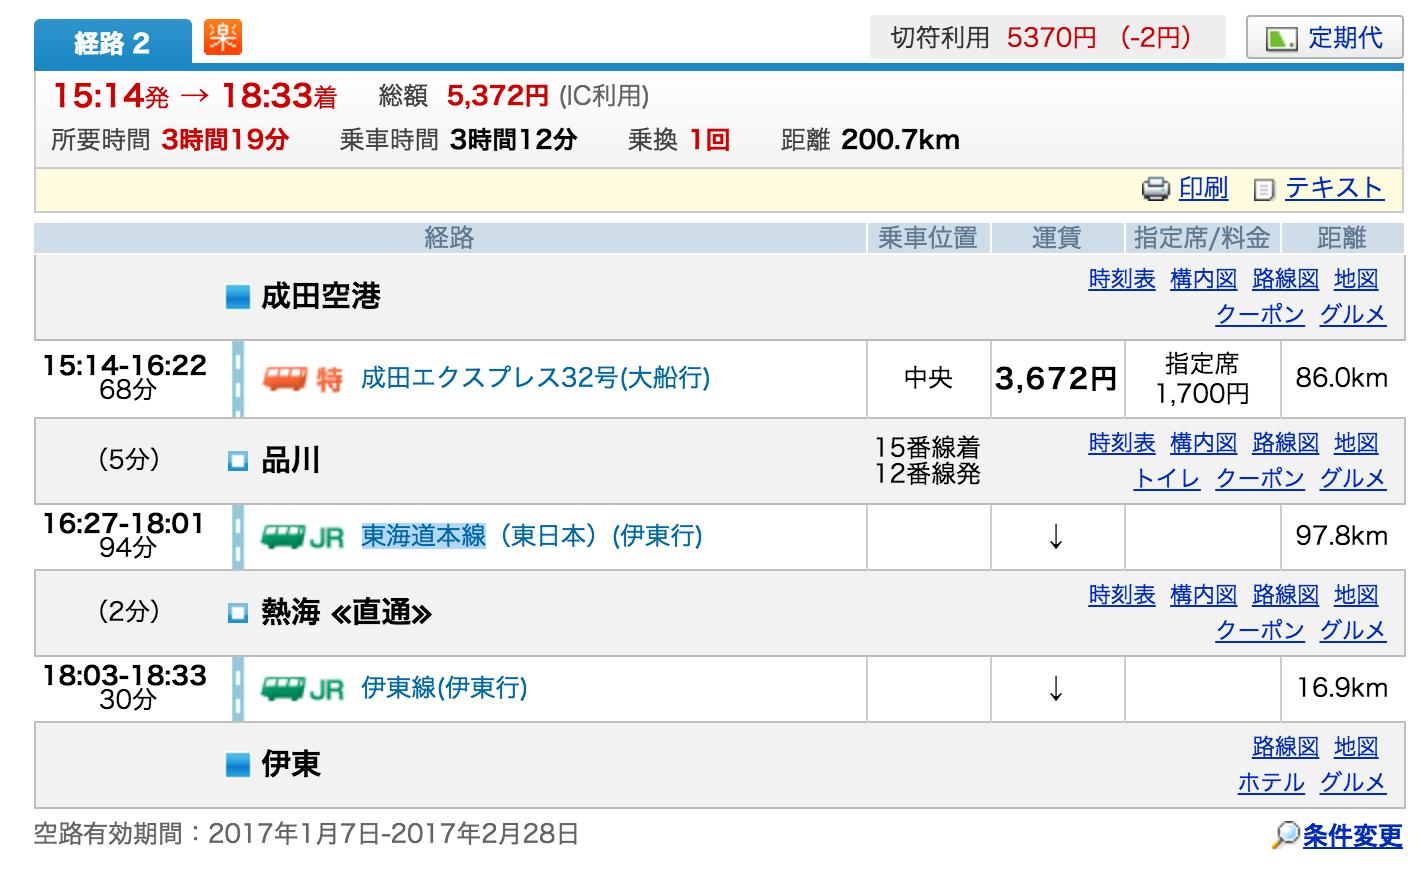 新幹線 表 東海道 料金